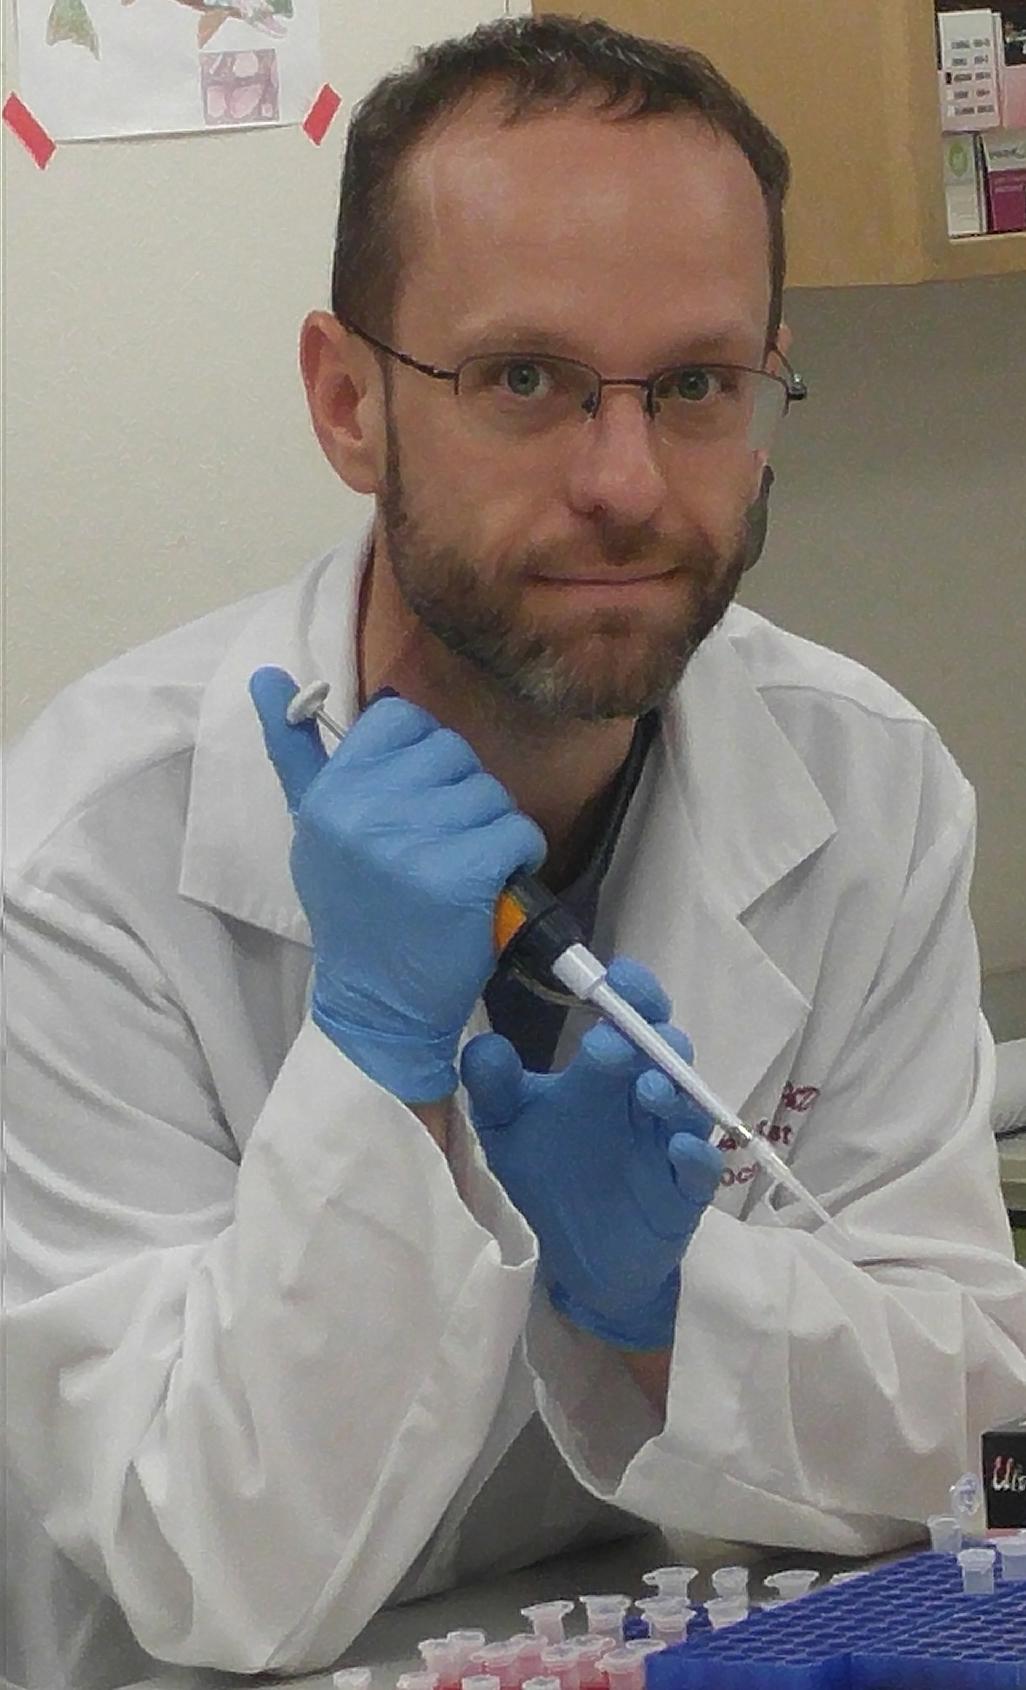 Richard Alan Jones, Ph.D., Texas A&M University